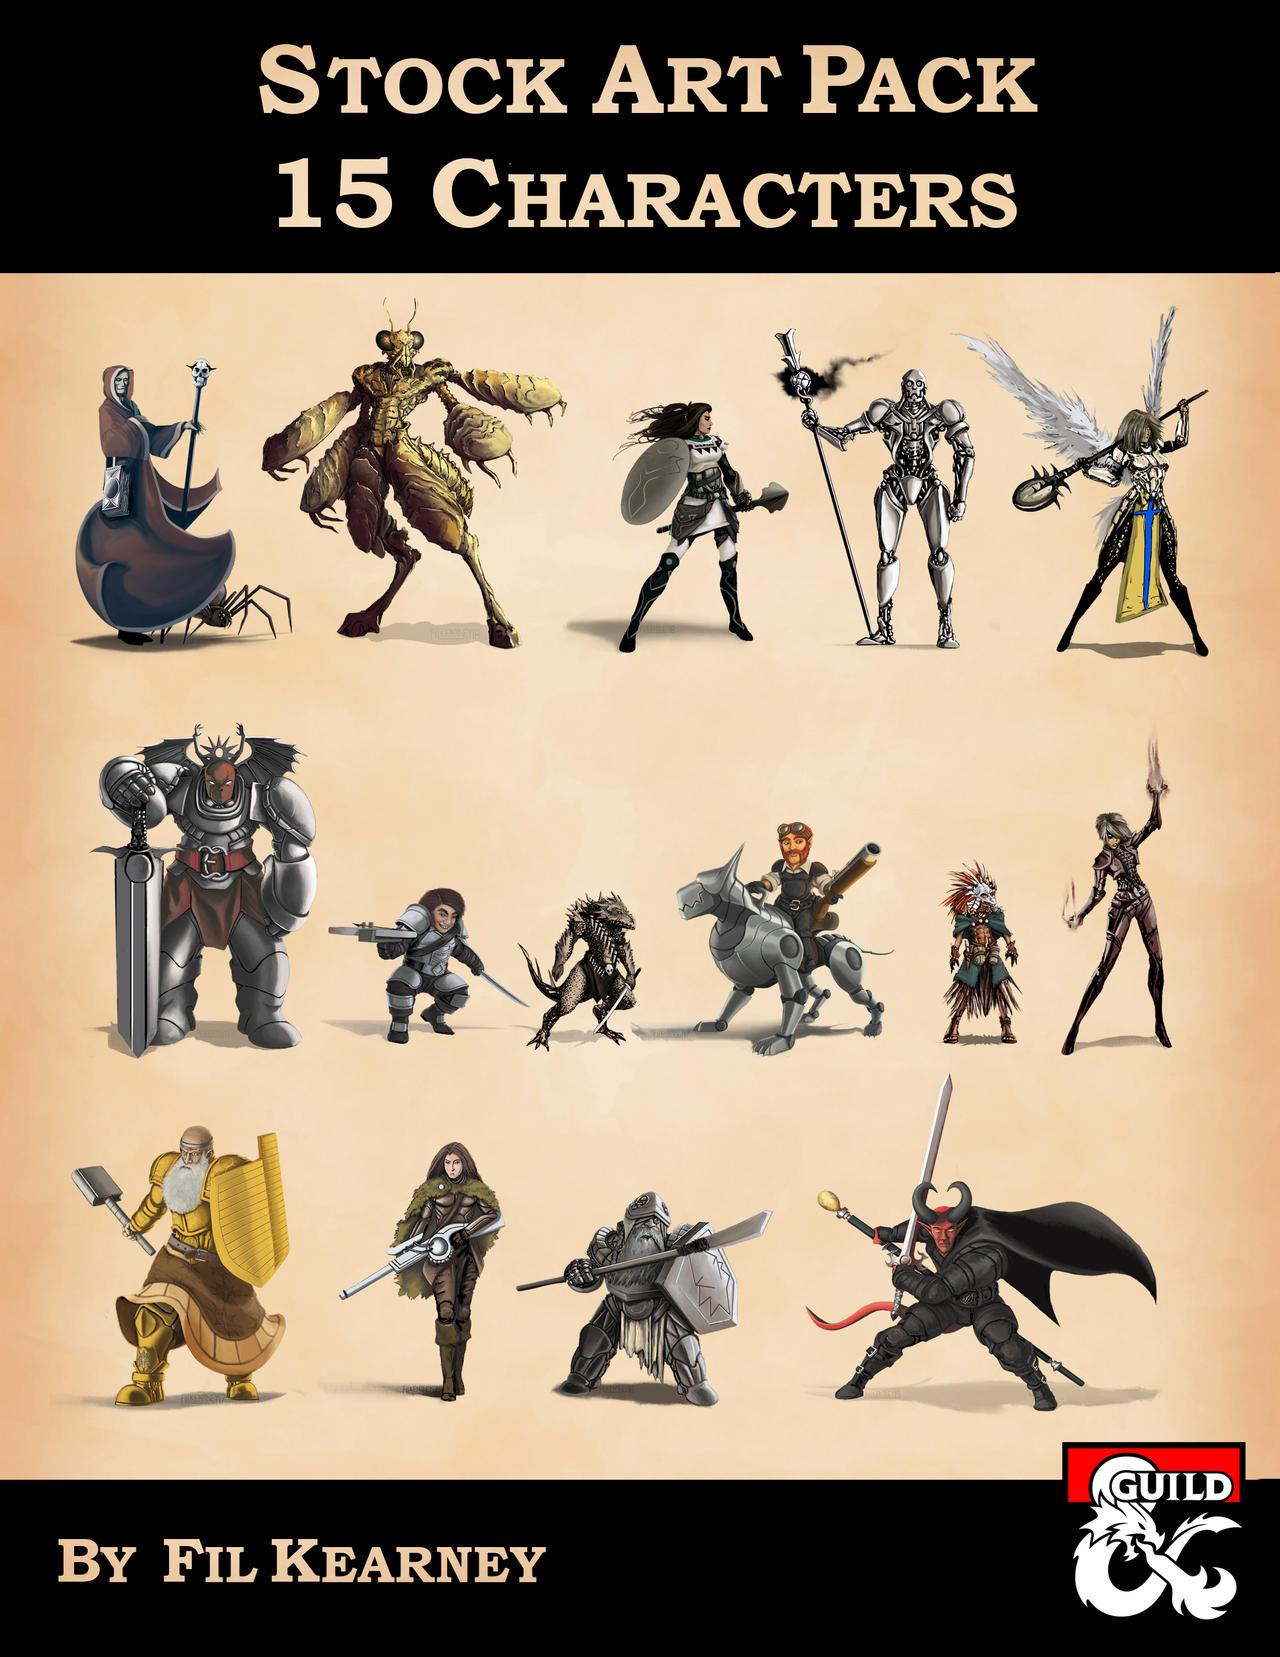 https://www.deviantart.com/filkearney/art/Stock-Art-Pack-15-Characters-Cover-Image-792750796